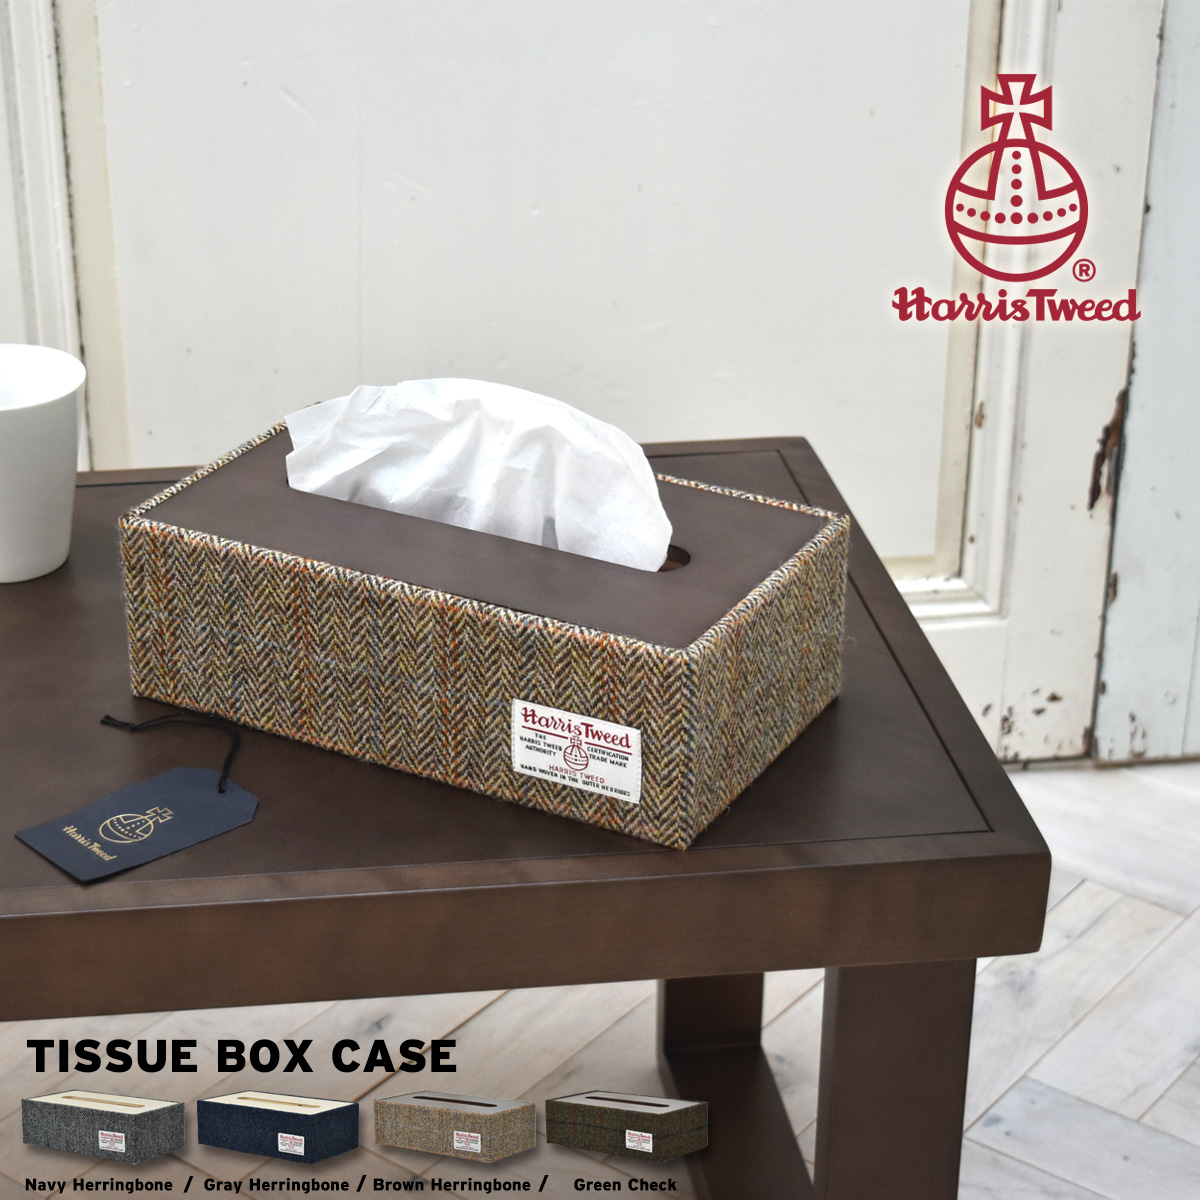 HARRIS TWEED ハリスツイード ティッシュボックスケース HTTC-28 箱ティッシュ ウール イギリス スコットランド